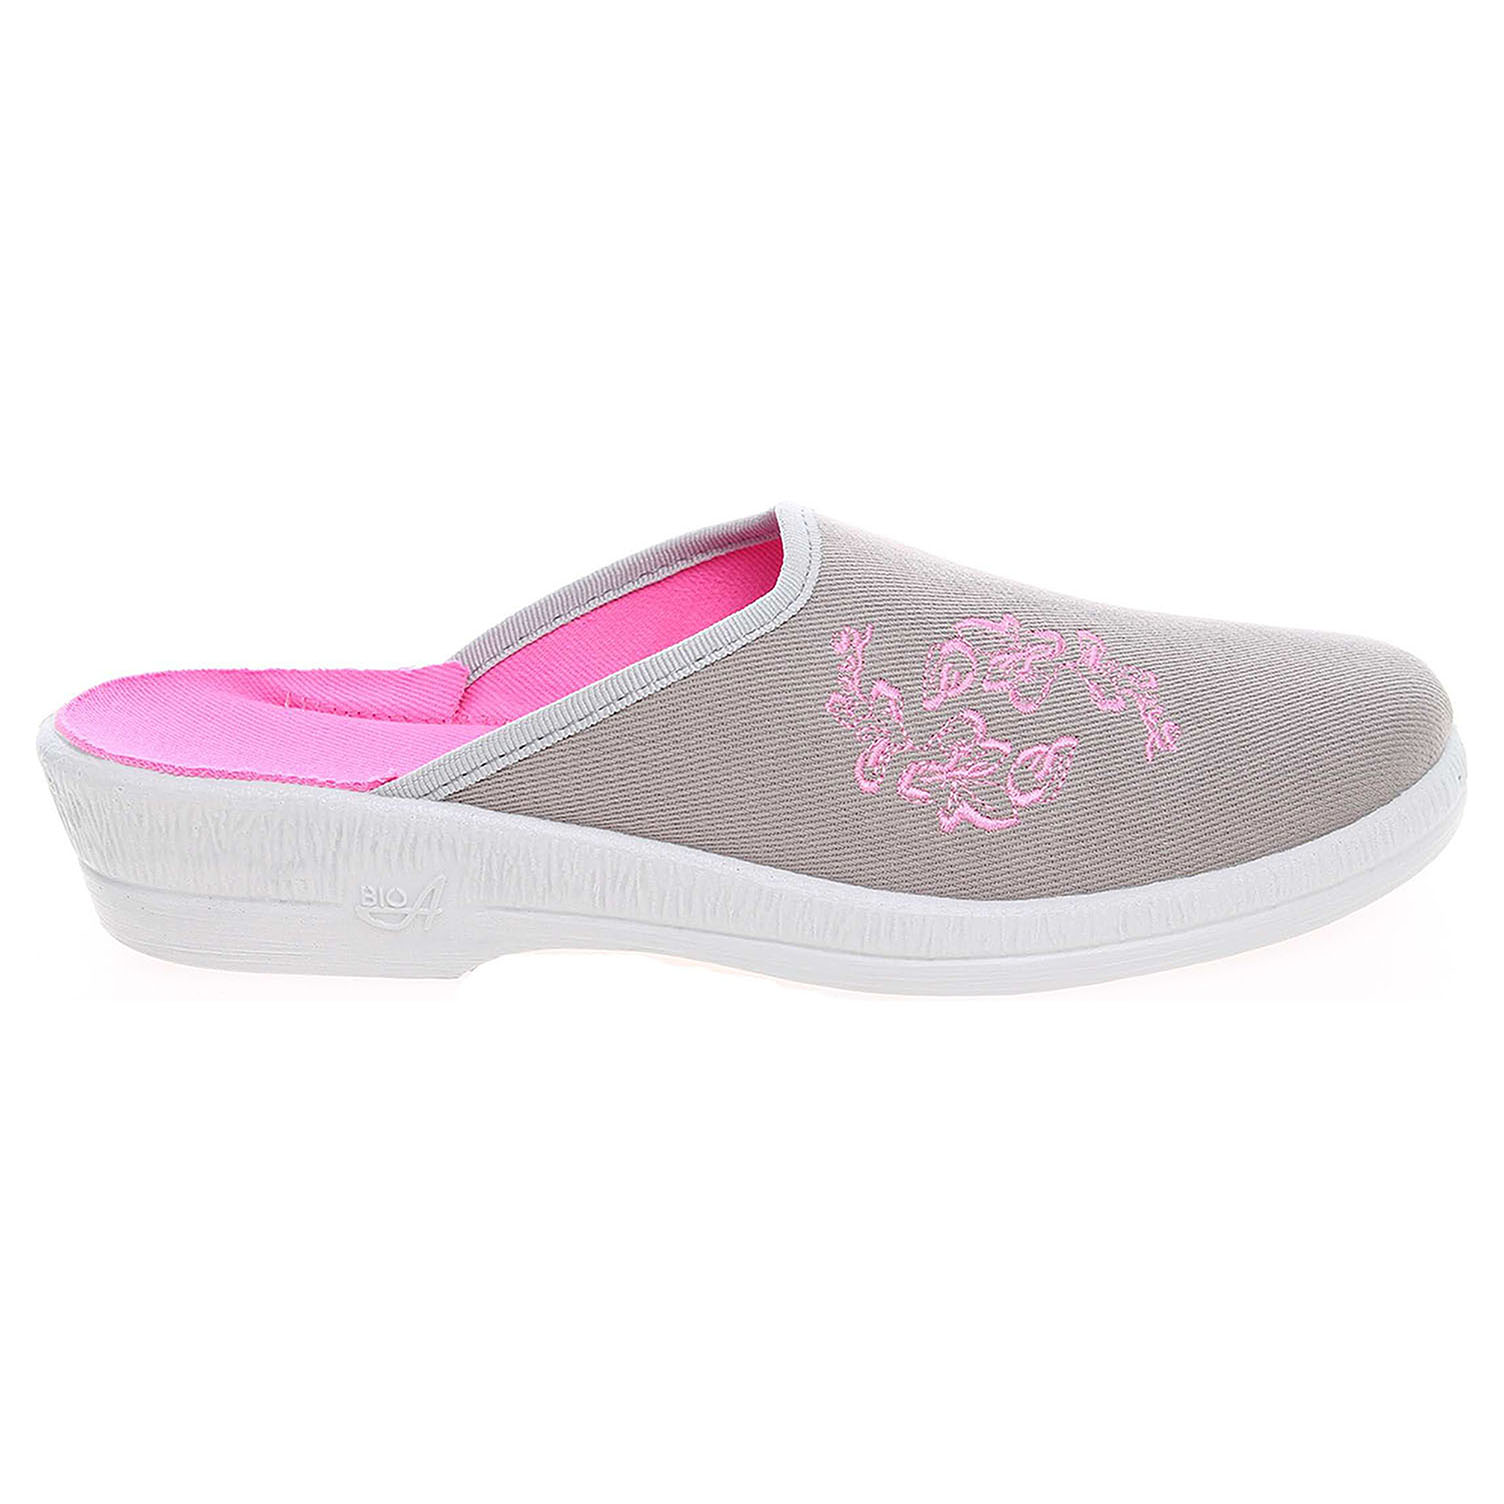 Befado dámské pantofle 219D469 šedé 41